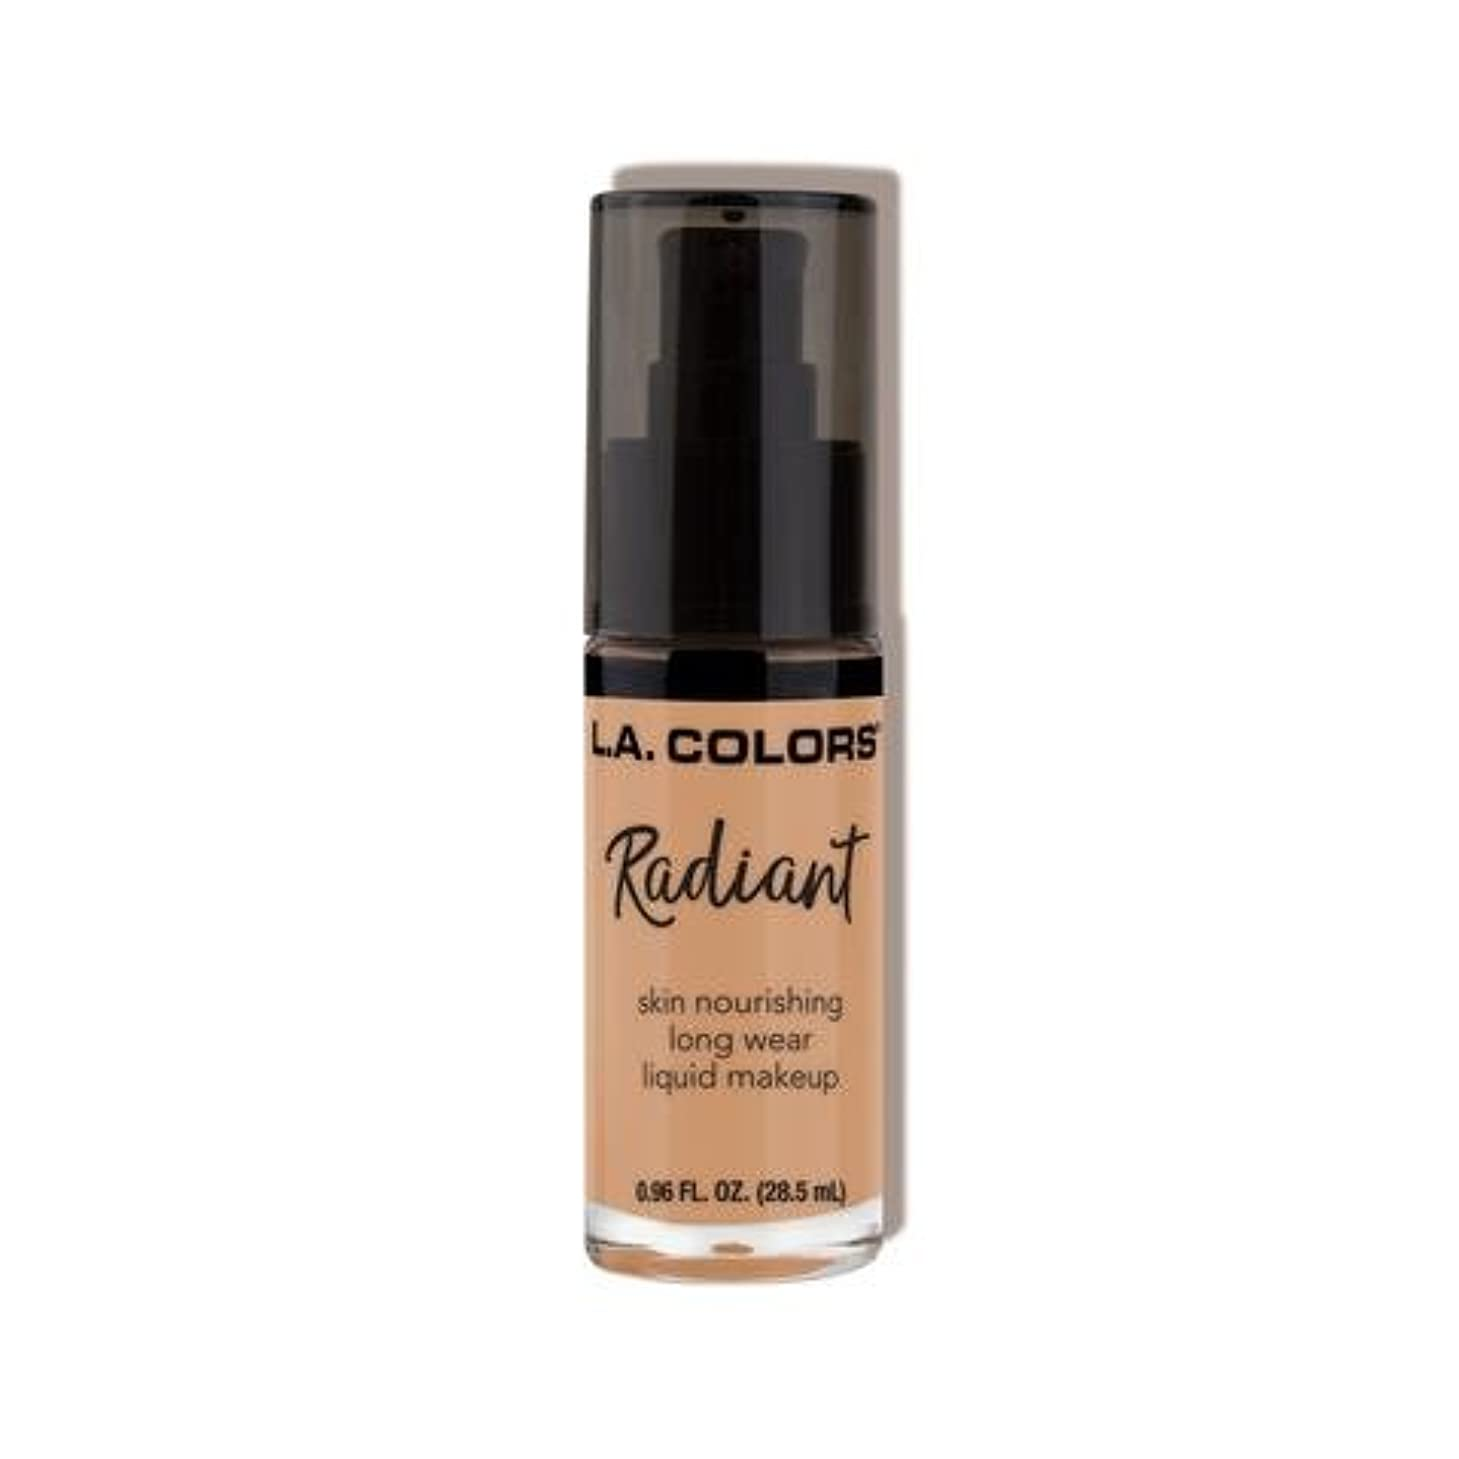 スペシャリストシリンダーコピー(3 Pack) L.A. COLORS Radiant Liquid Makeup - Light Tan (並行輸入品)